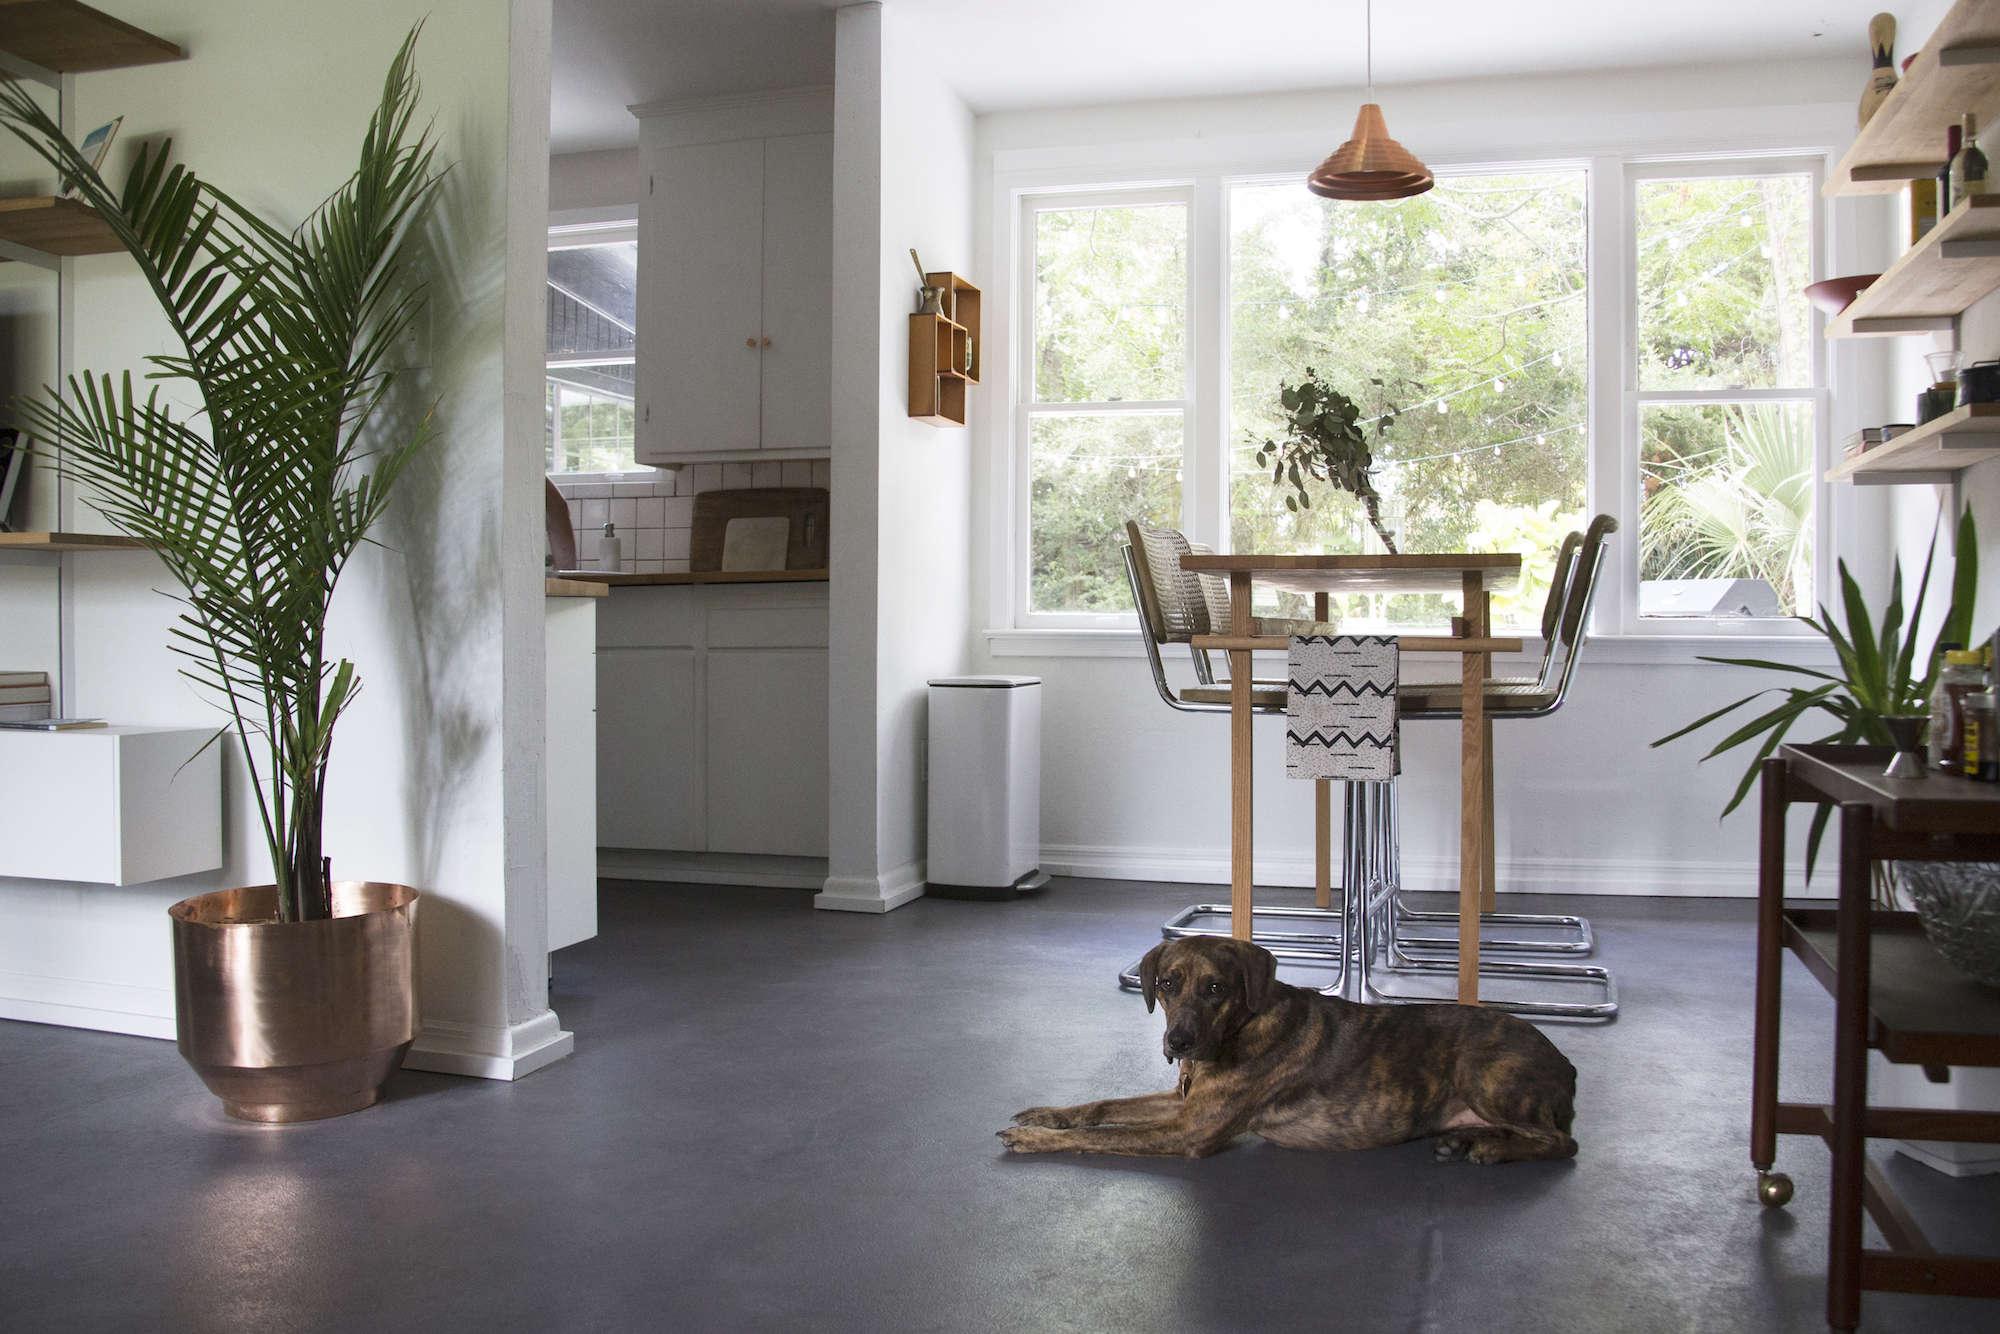 living room budget remodel dog concrete floors plants - Flooring For Dog Room